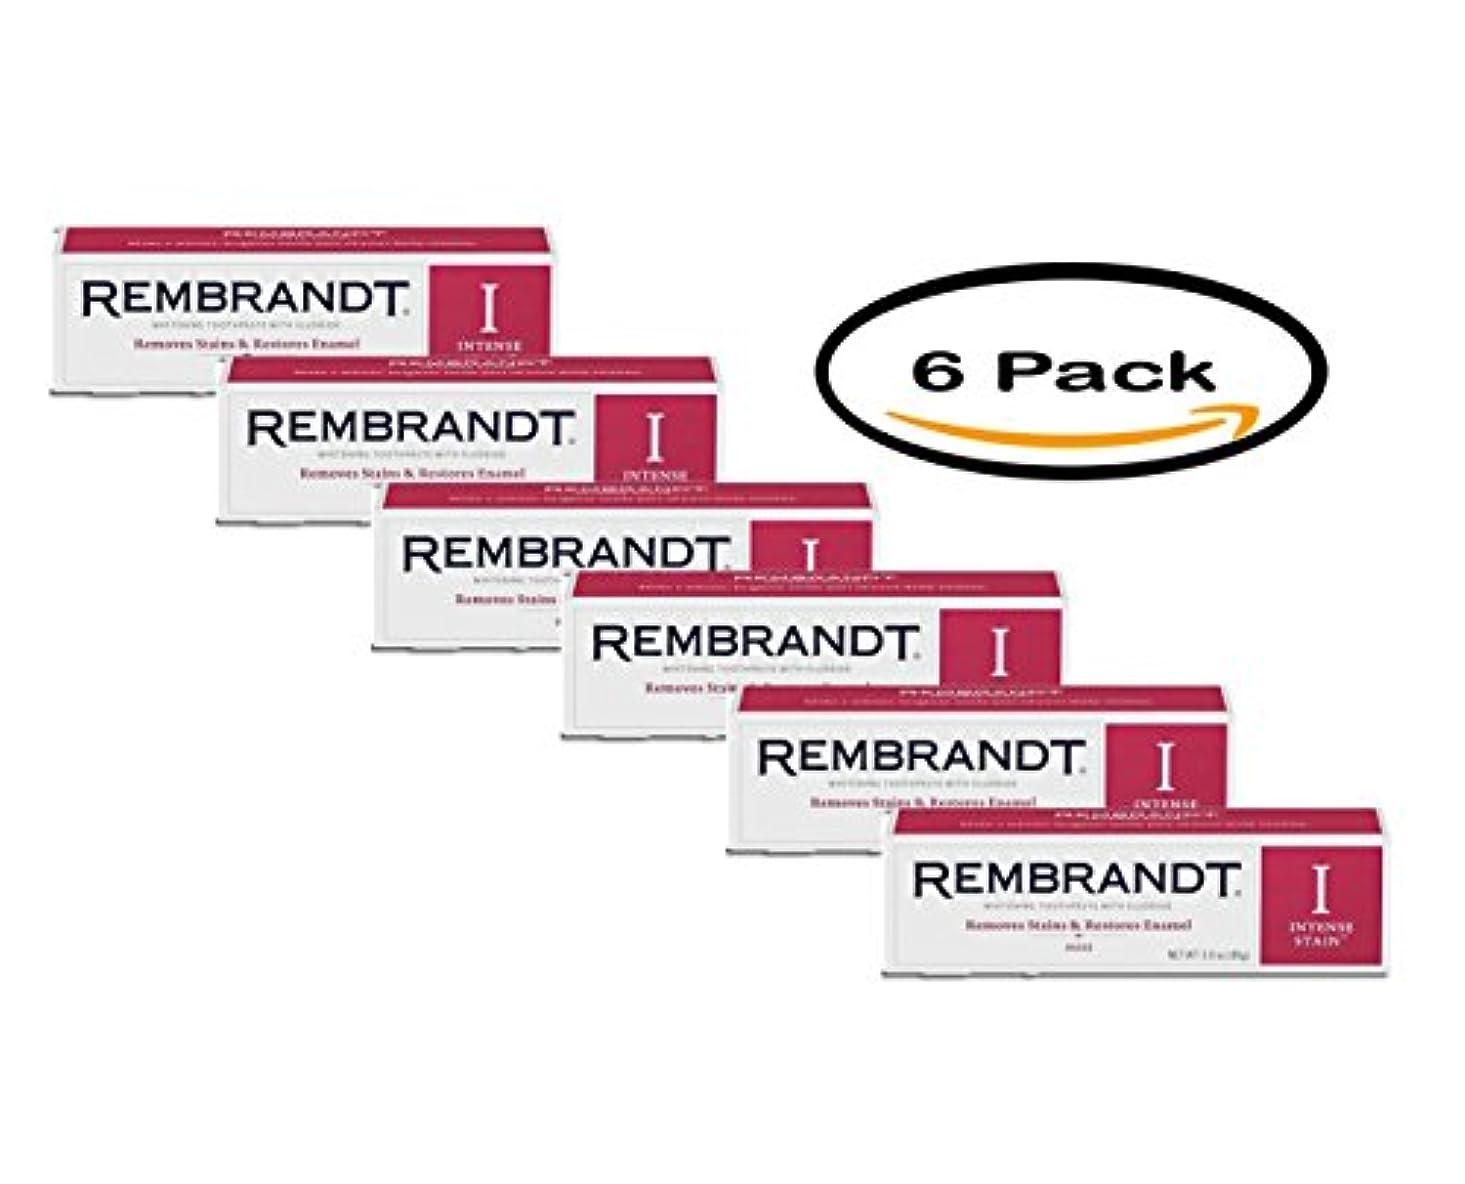 ロッカー八百屋重量海外直送品 レンブラントインテンスステイン Rembrandt Intense Stain Whitening Toothpaste, Mint, 3.5 oz Pack of 6